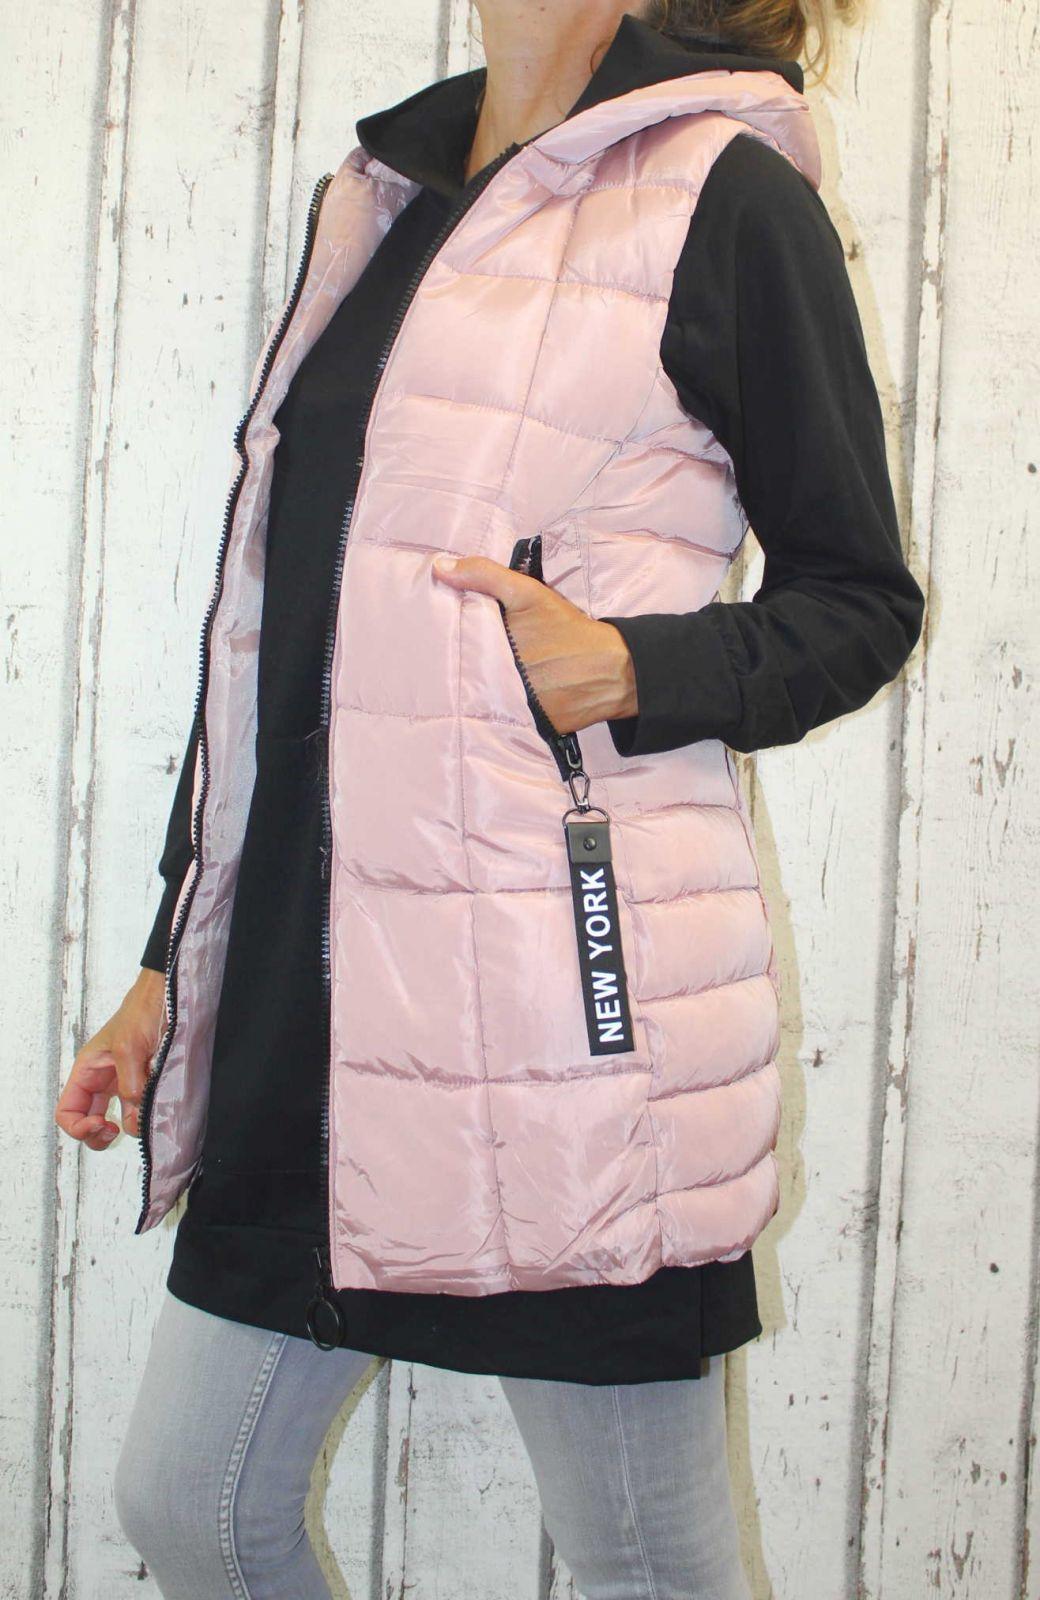 Dámská dlouhá vesta, dámská prošívaná vesta, dlouhá starorůžová vesta, dámská vesta, dámská vesta s kapucí, podzimní dlouhá vesta, jarní dlouhá vesta Italy Moda